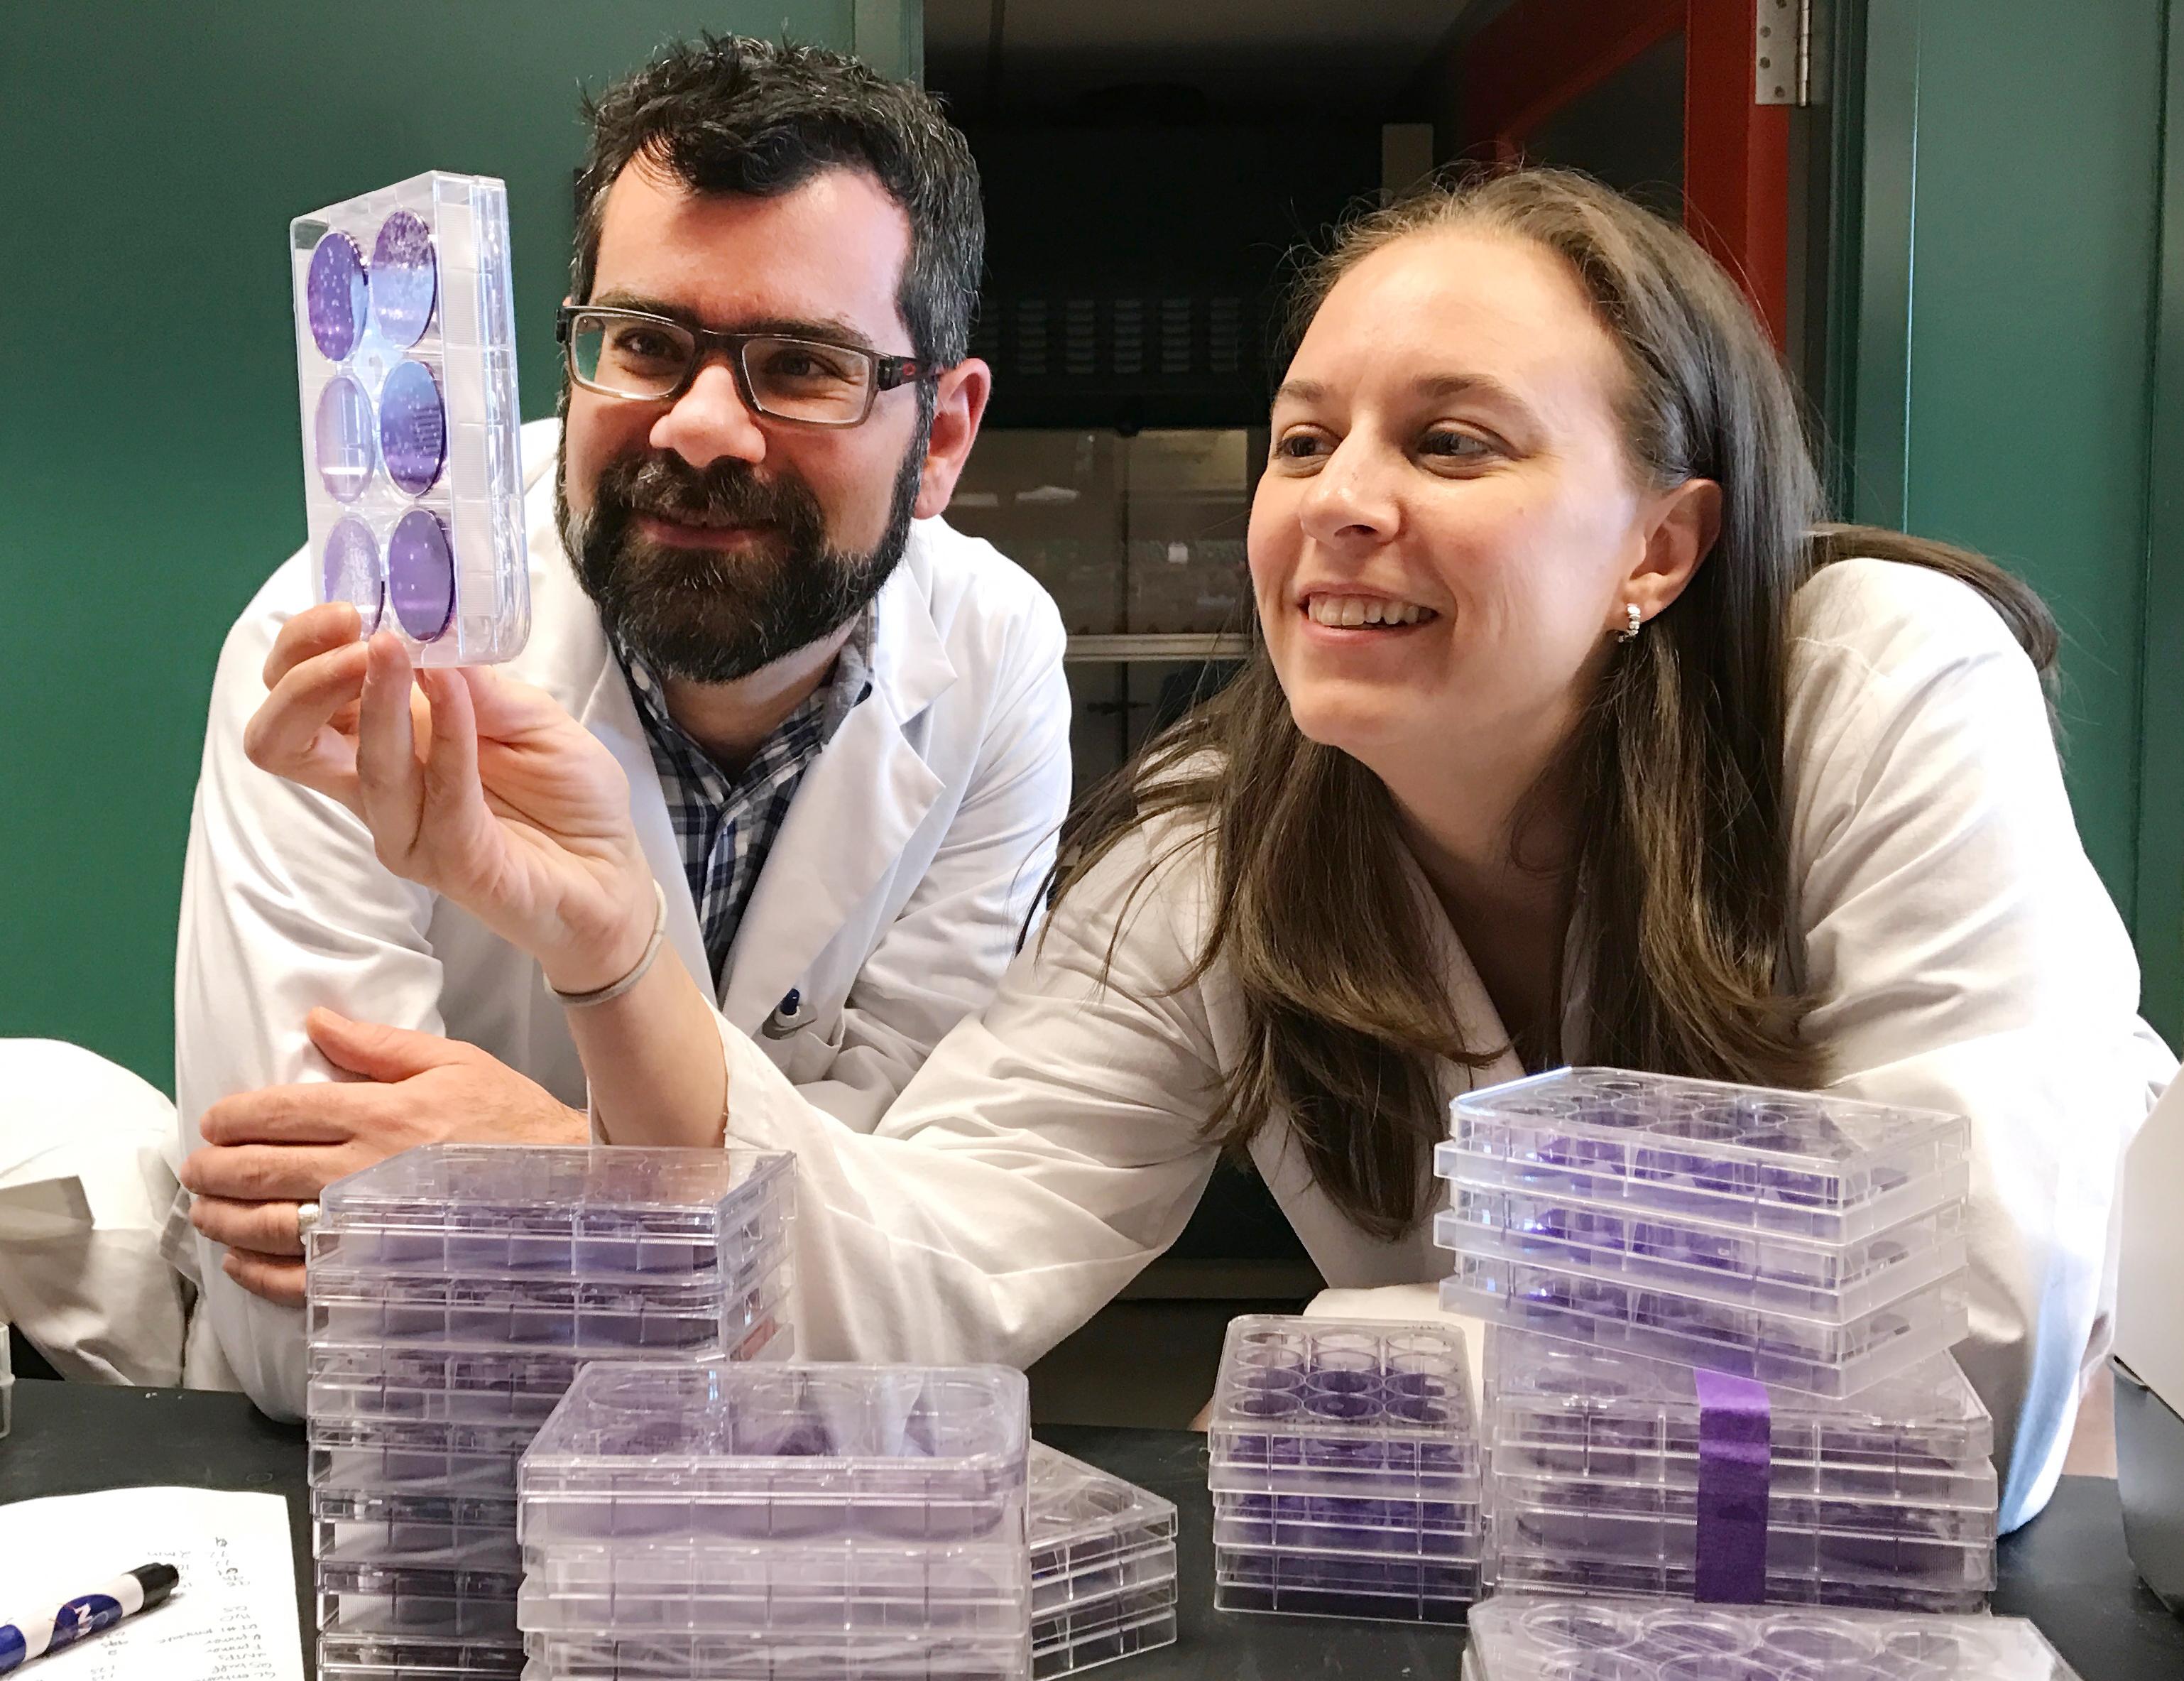 Drs. Martin Richer (left) and Selena Sagan